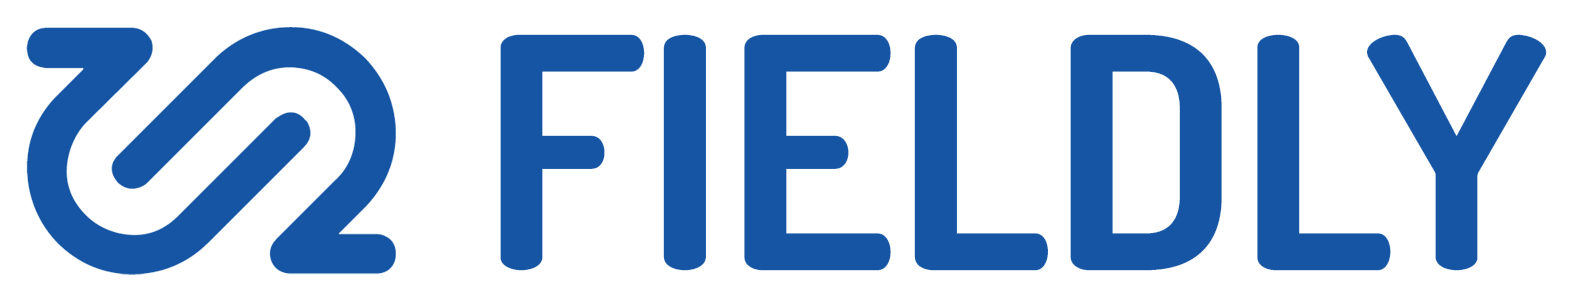 Fieldly logo in blue